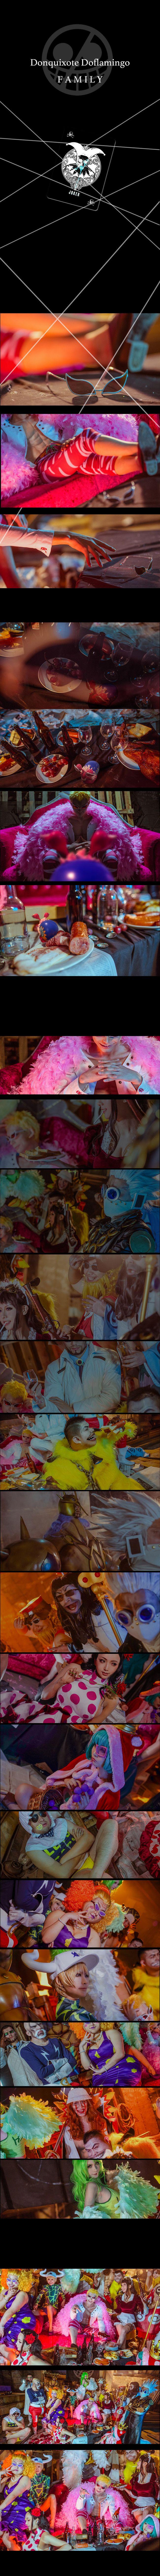 海贼王 唐吉诃德·多弗朗明哥 cosplay | 半次元-第一中文COS绘画小说社区